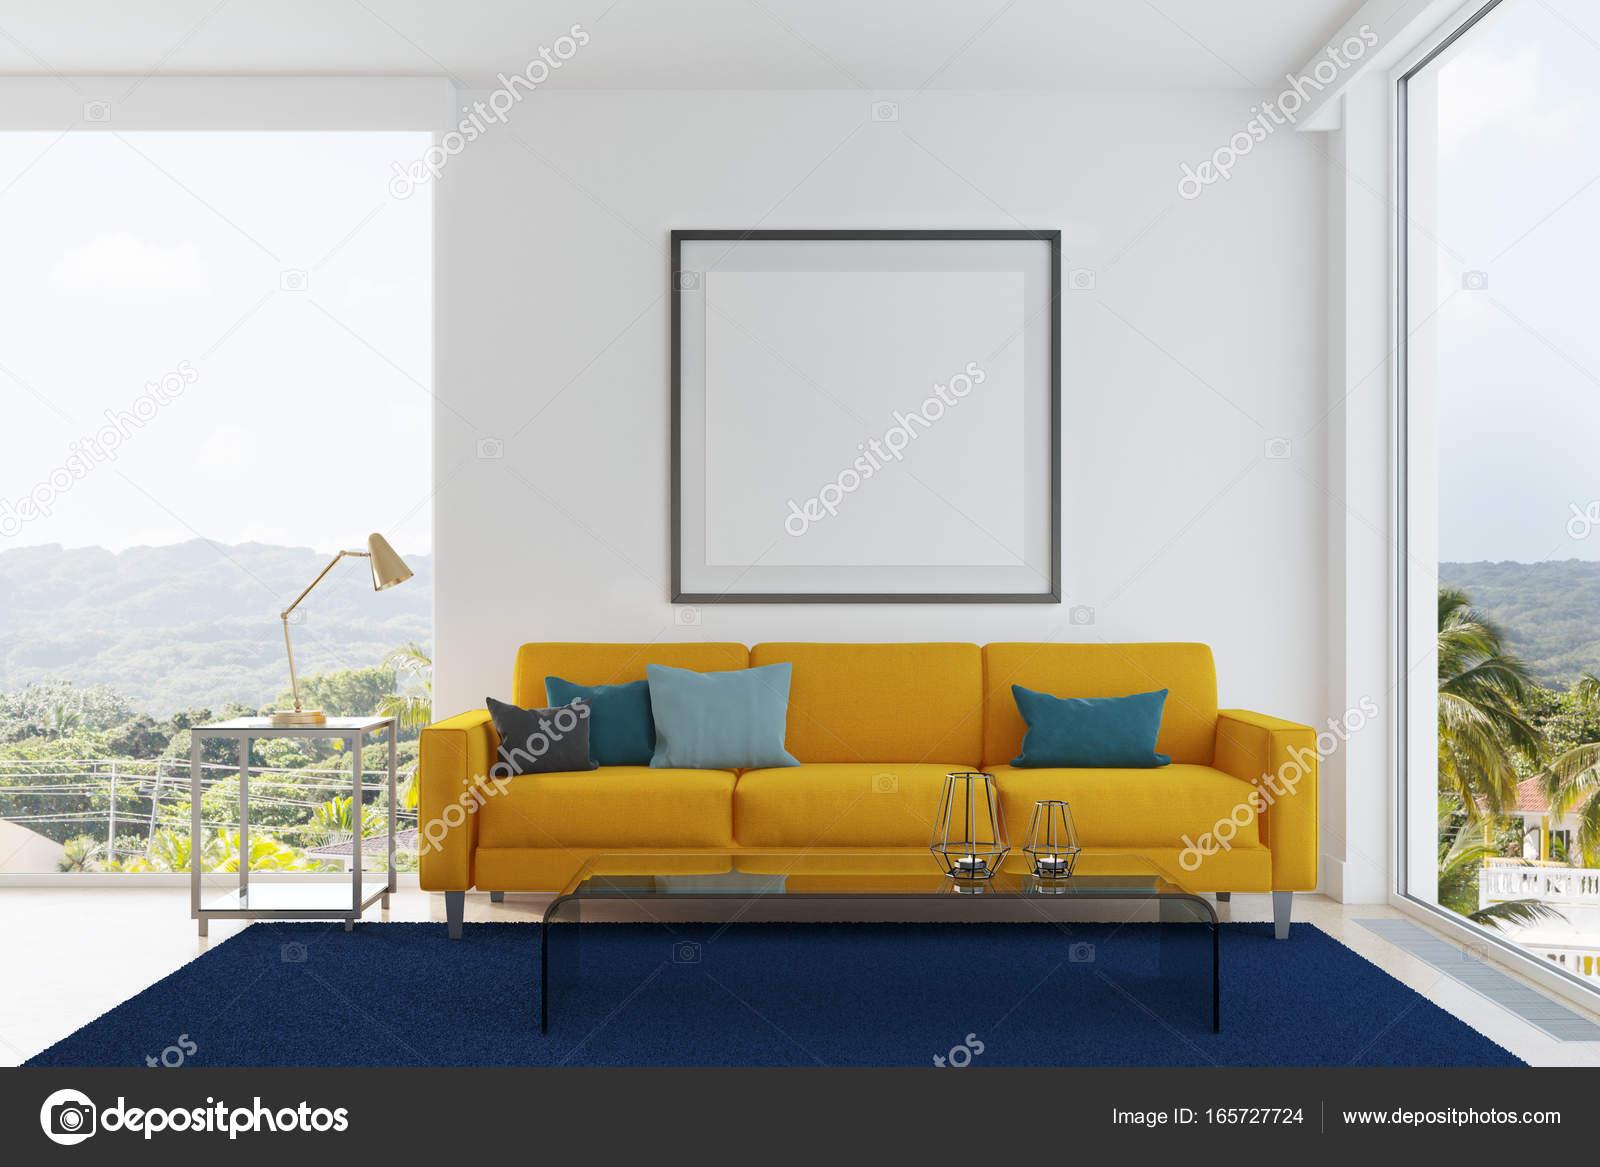 Kissen Wohnzimmer Sofa, Blau Und Grün Gelb U2014 Stockfoto